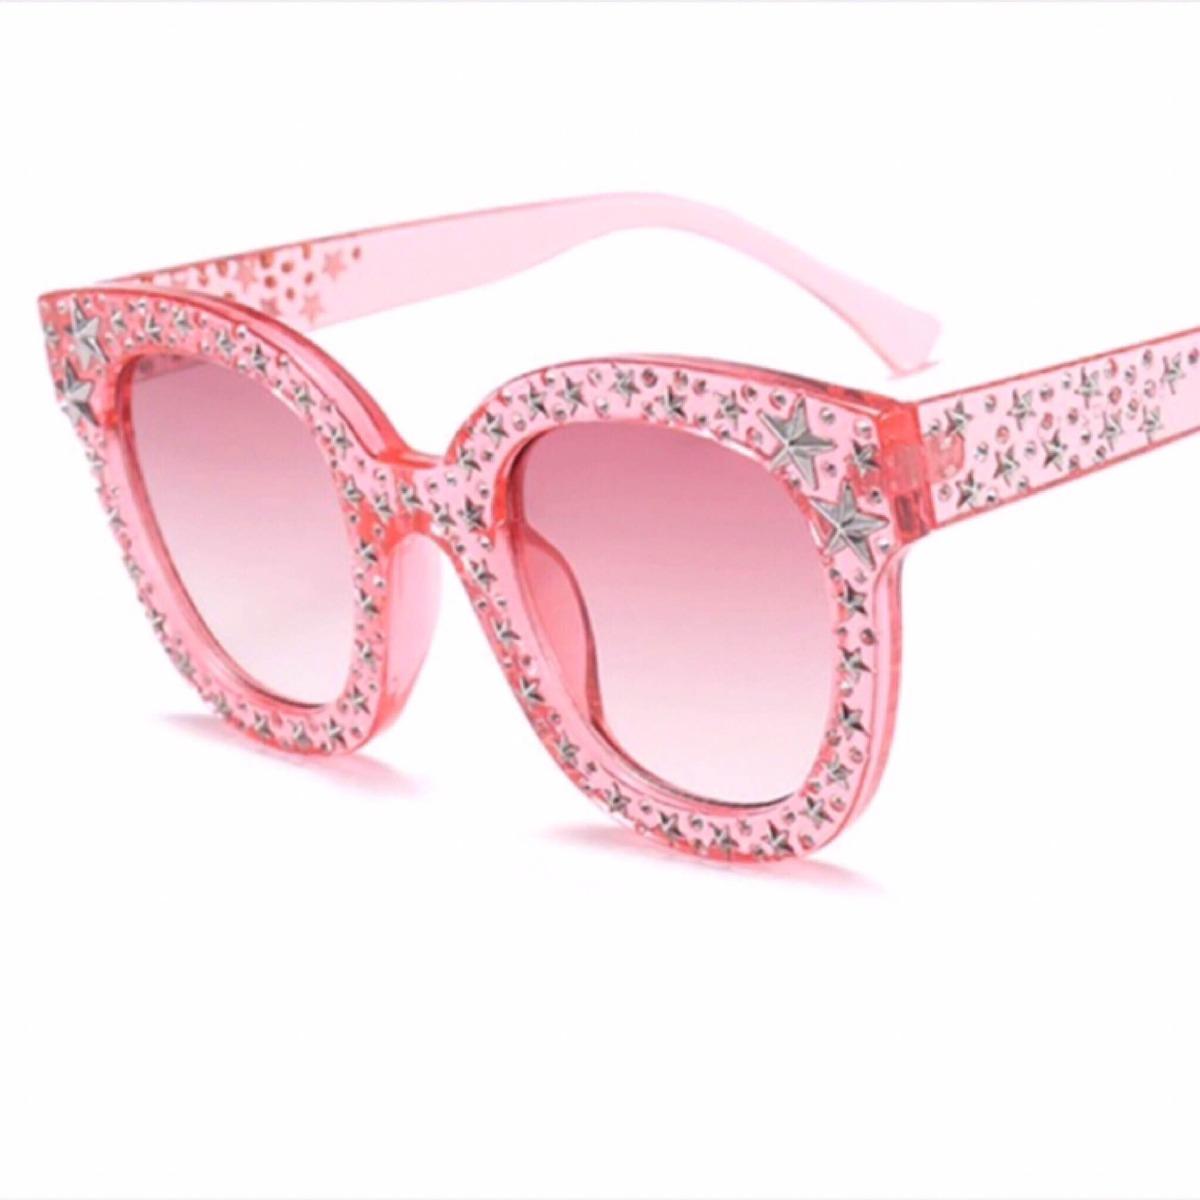 Óculos Rosa Estrelas Fashion - R  149,00 em Mercado Livre 66403ddf4a